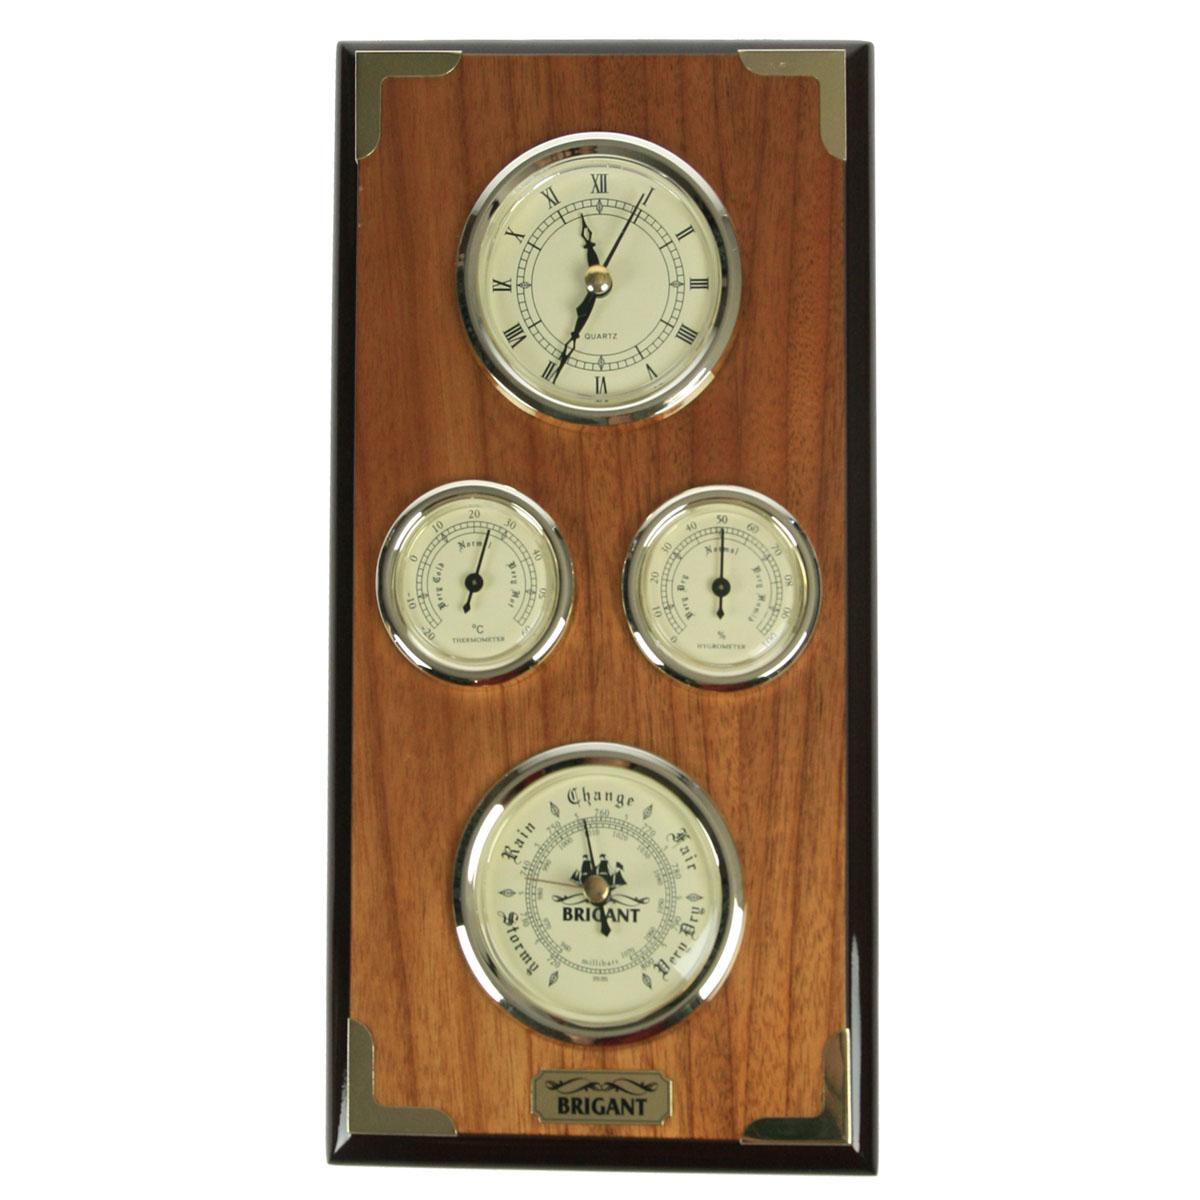 Часы-метеостанция Brigant: барометр, термометр, гигрометр, цвет: светлый орех. 2813428134Часы-метеостанция Brigant выполнены в виде деревянной лакированной панели с расположенными на ней часами, барометром, термометром и гигрометром. Модель выполнена в духе морской тематики, хромировка под золото и благородный цвет дерева делают этот предмет интерьера заслуживающим восхищения и гордости. Прилагается инструкция по эксплуатации на русском языке. Во всех барометрах Brigant используются механизмы французской фирмы Barostar, специализирующейся на выпуске барометров более ста лет. Качество изготовления продукции Brigant, применяемые материалы и технологии удовлетворяют всем жестким требованиям западноевропейских экологических стандартов, что подтверждается международными сертификатами. Барометр требует калибровки, для точного измерения давления, калибровка производится в сравнении с объявленным на данный момент атмосферным давлением в вашей местности. Метод калибровки указан в прилагающейся инструкции. Гигрометр и термометр были...